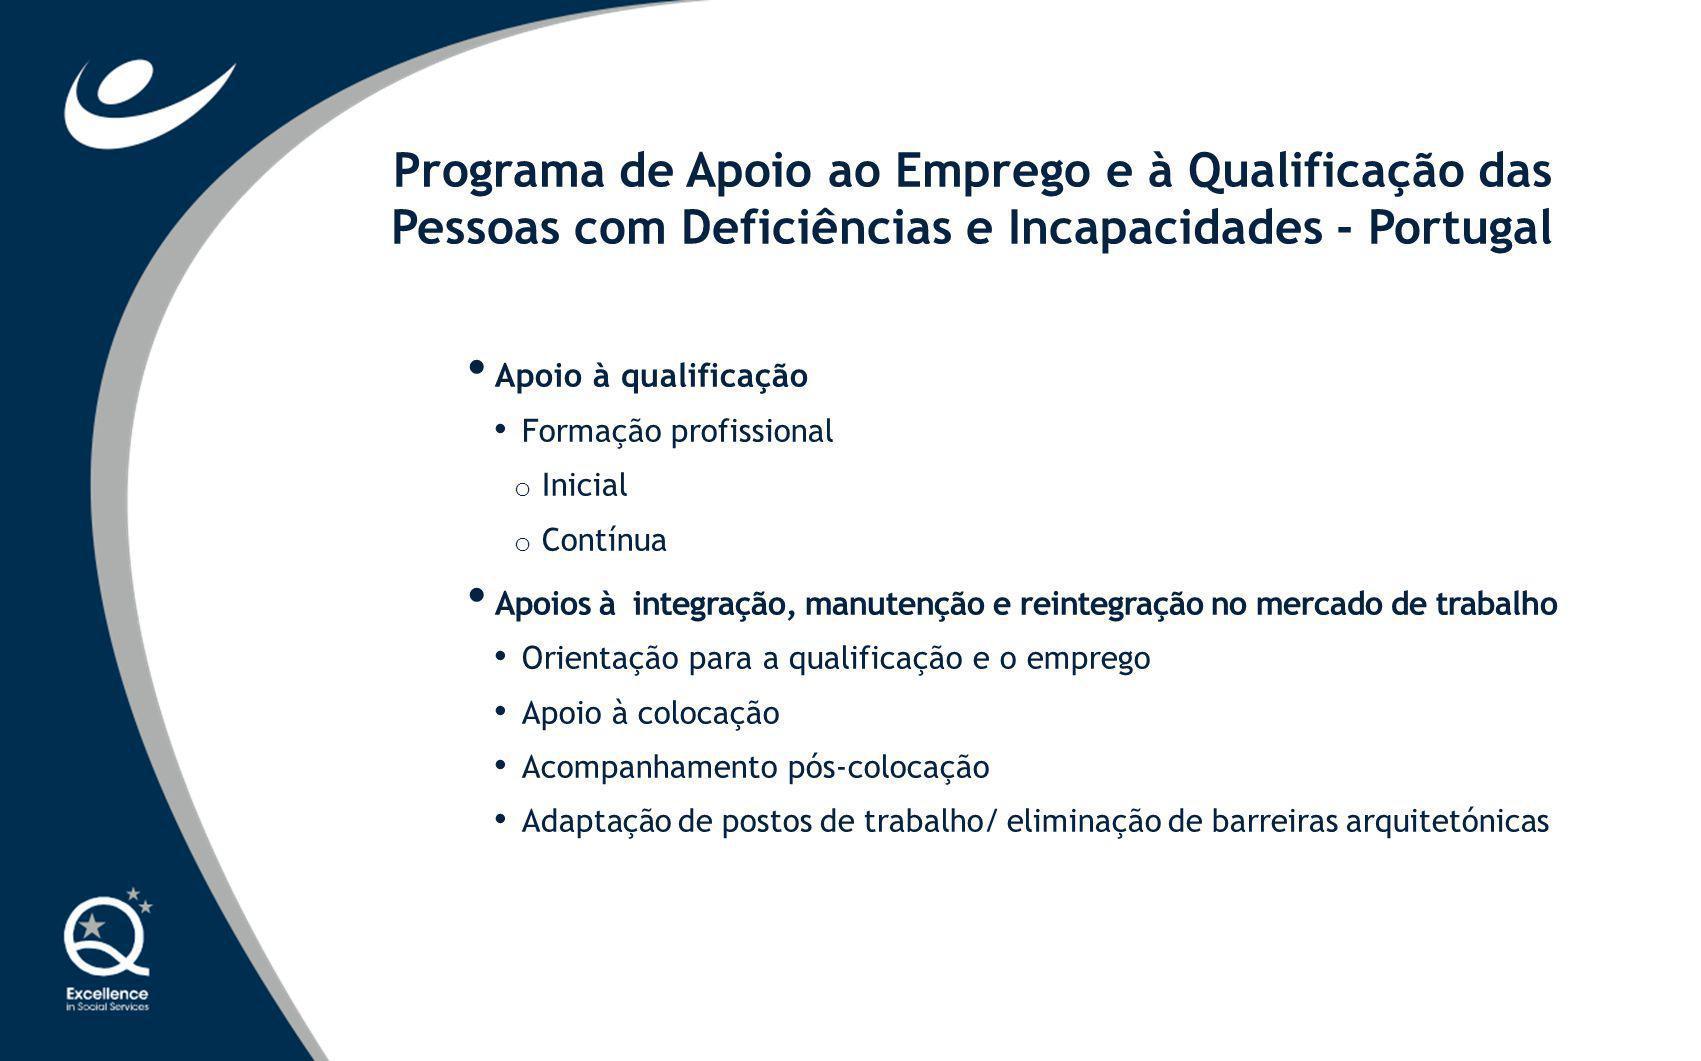 Apoio à qualificação Formação profissional o Inicial o Contínua Apoios à integração, manutenção e reintegração no mercado de trabalho Orientação para